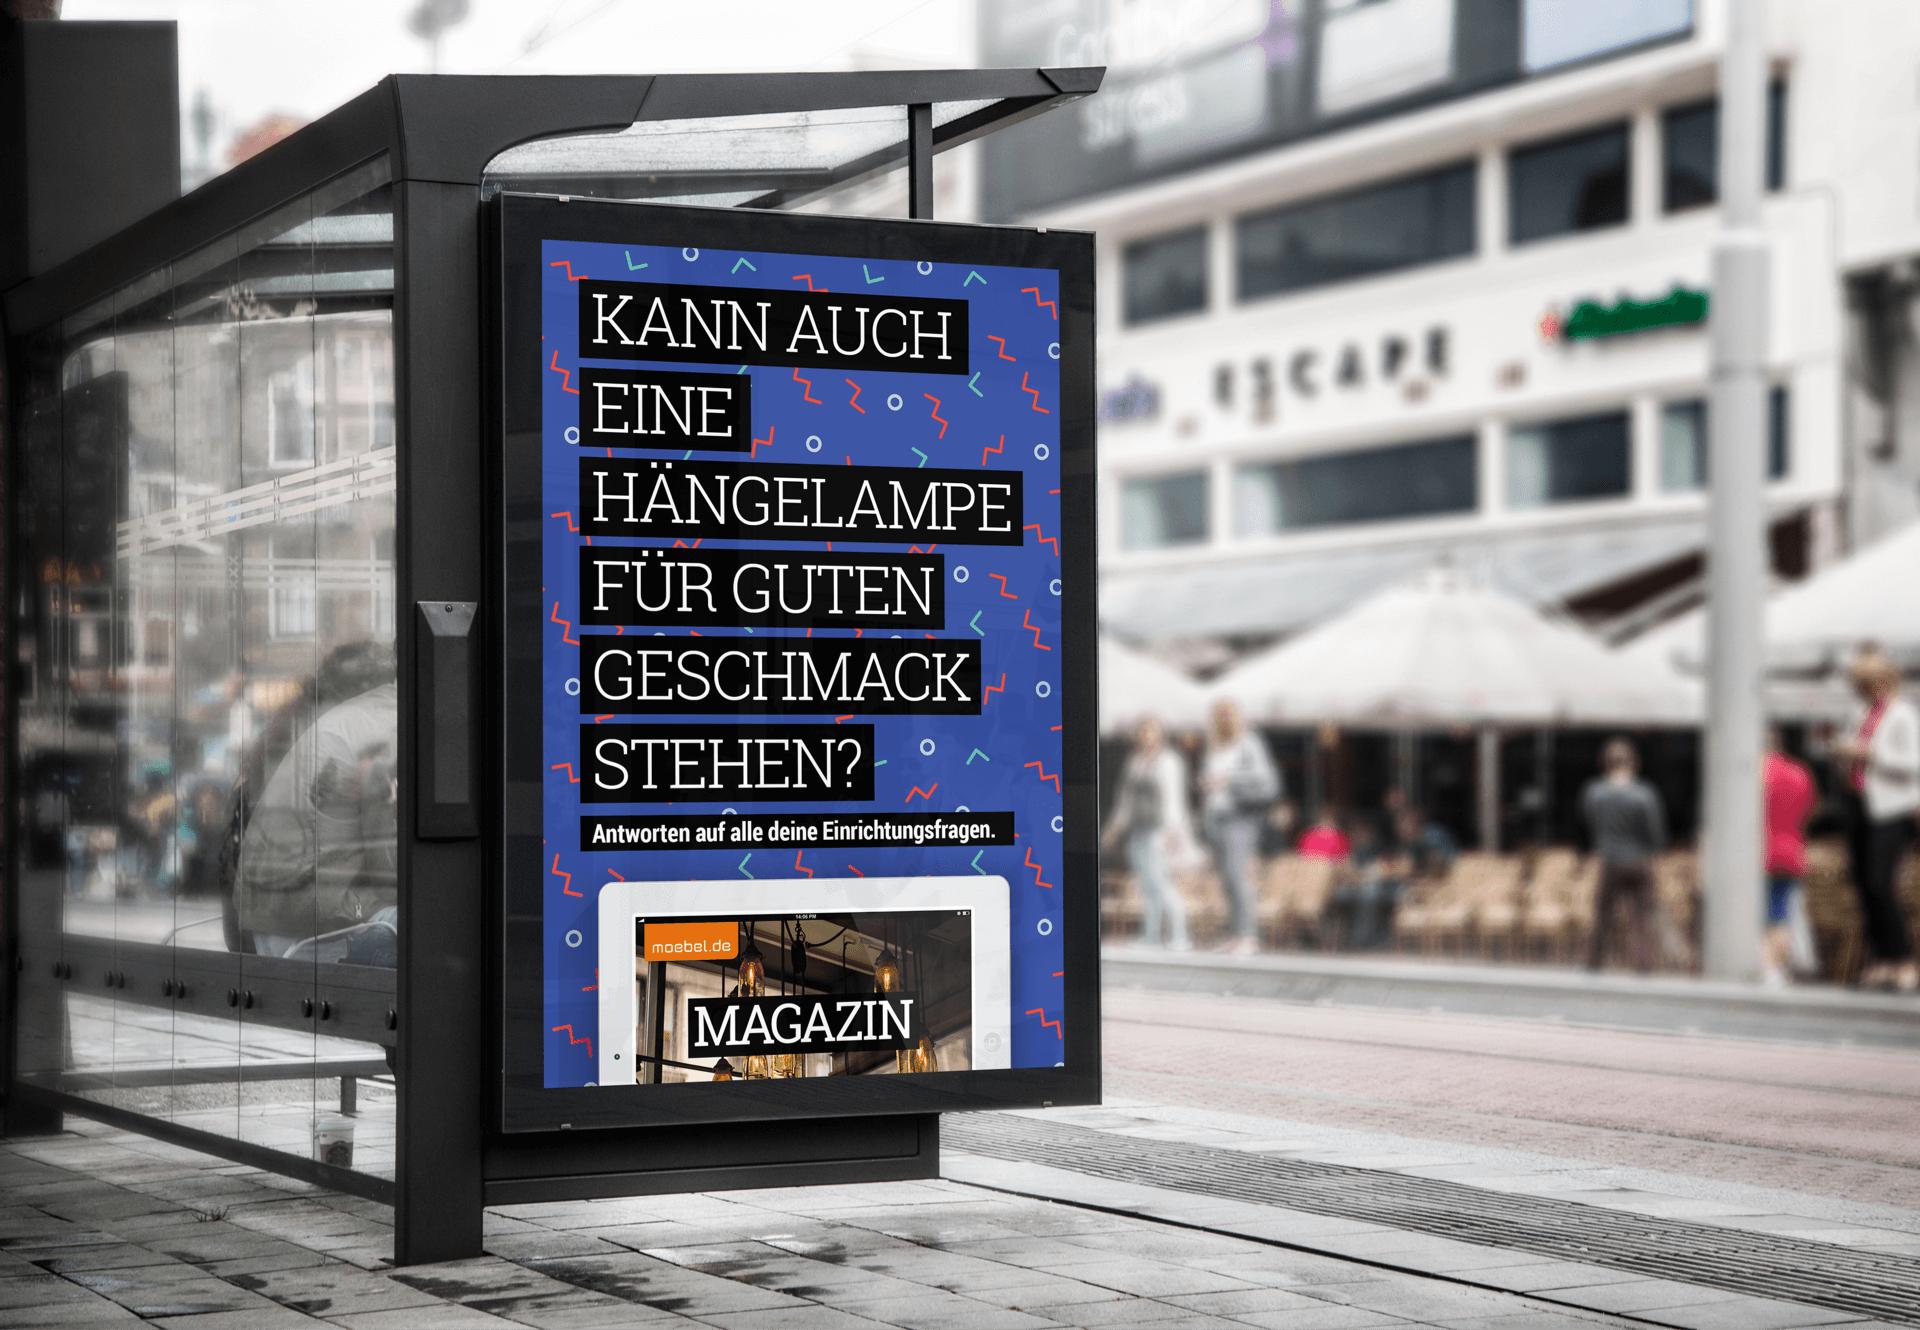 moebel-de-billboard